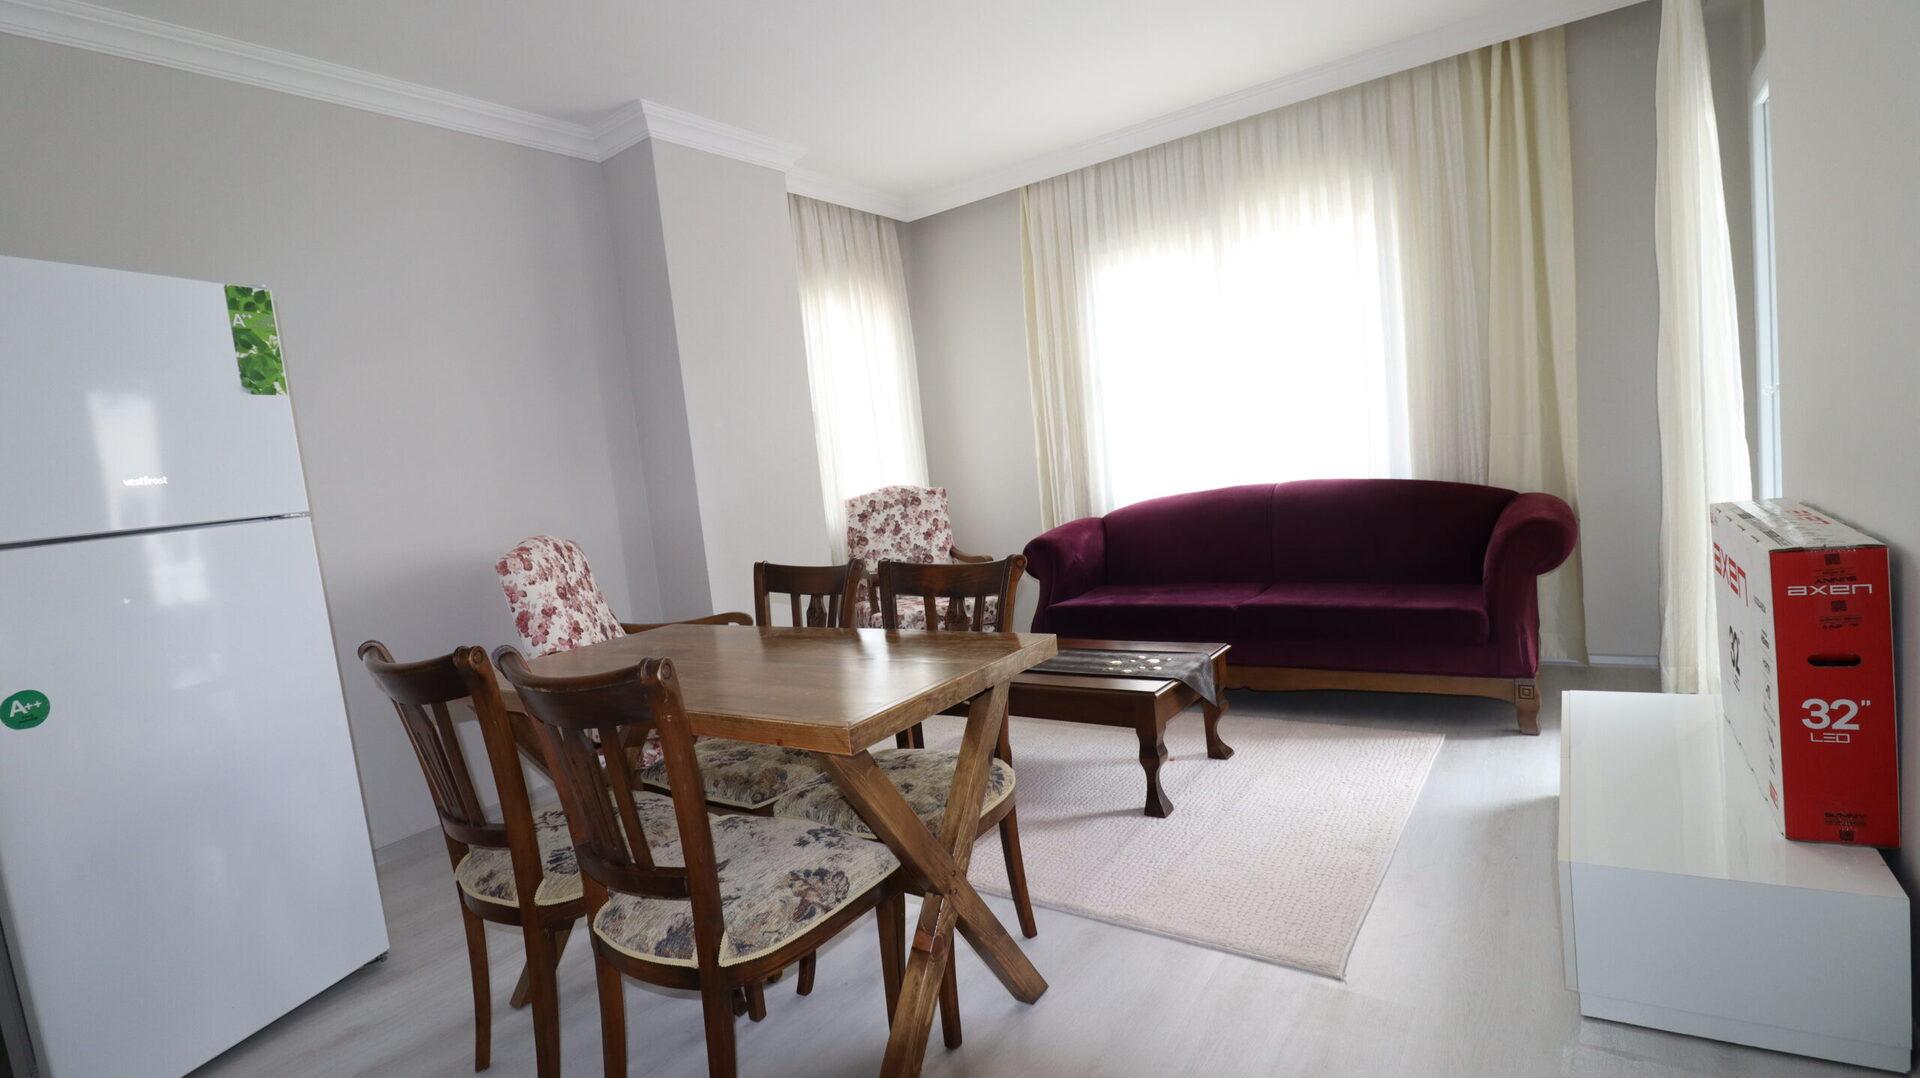 In der Nähe der Universität Mersin Erdemli Alata Möblierte 1 + 1 Wohnung zu vermieten